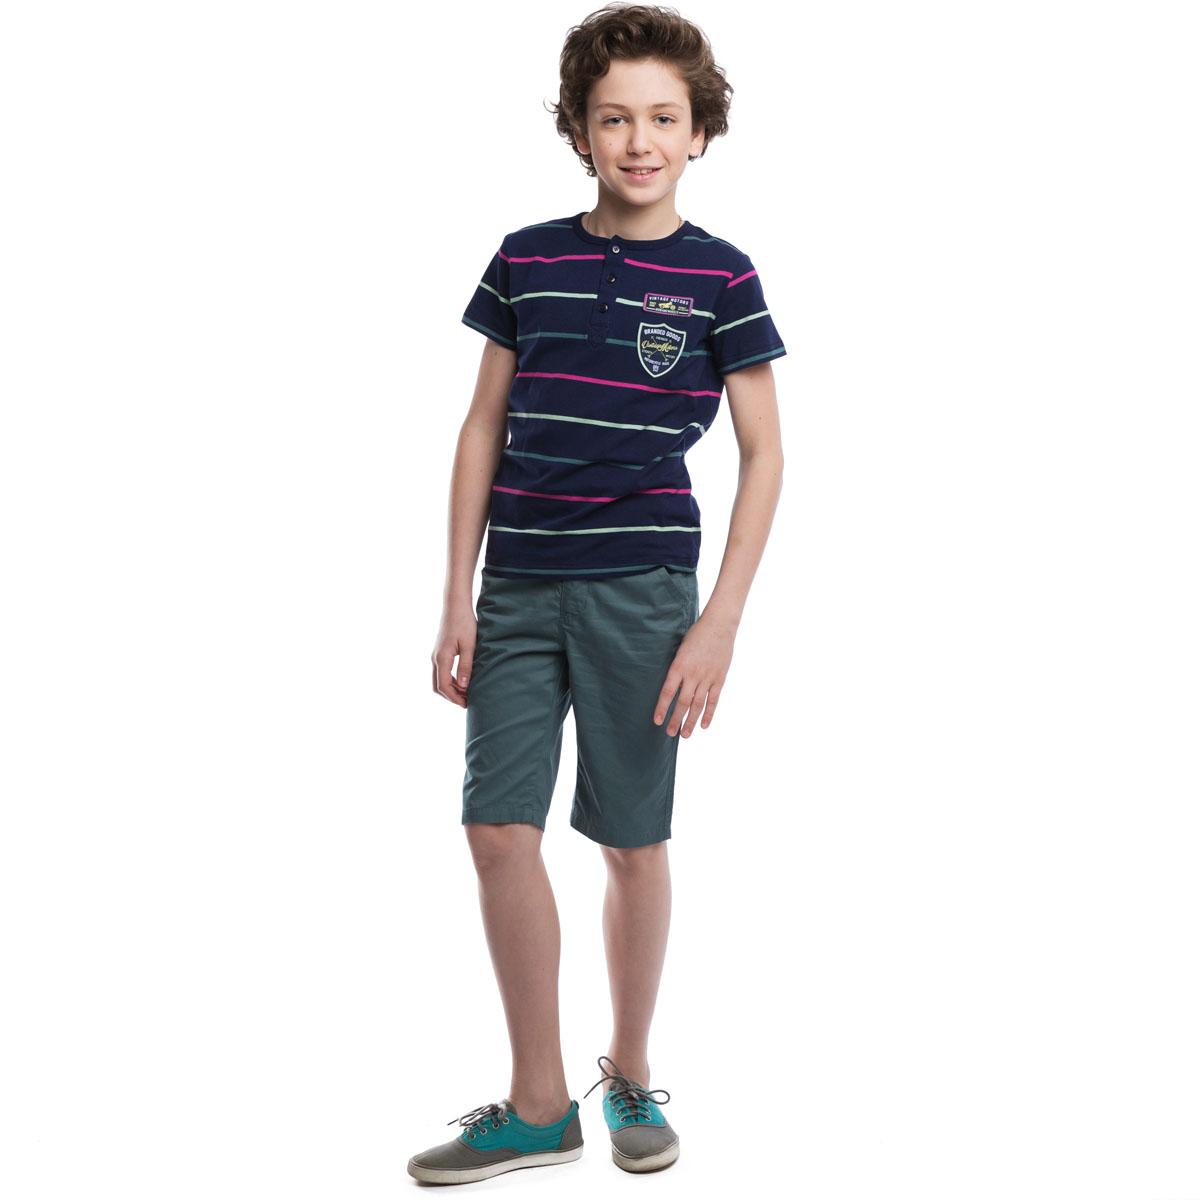 Футболка263013Стильная футболка для мальчика Scool станет отличным дополнением к детскому гардеробу. Изготовленная из эластичного хлопка, она мягкая и приятная на ощупь, не сковывает движения и позволяет коже дышать. Футболка с круглым вырезом горловины и короткими рукавами застегивается сверху на три пуговицы. Вырез горловины дополнен мягкой резинкой. Модель оформлена принтом в полоску, украшена нашивками на груди. Современный дизайн и расцветка делают эту футболку стильным предметом детской одежды. В ней юный модник всегда будет в центре внимания!